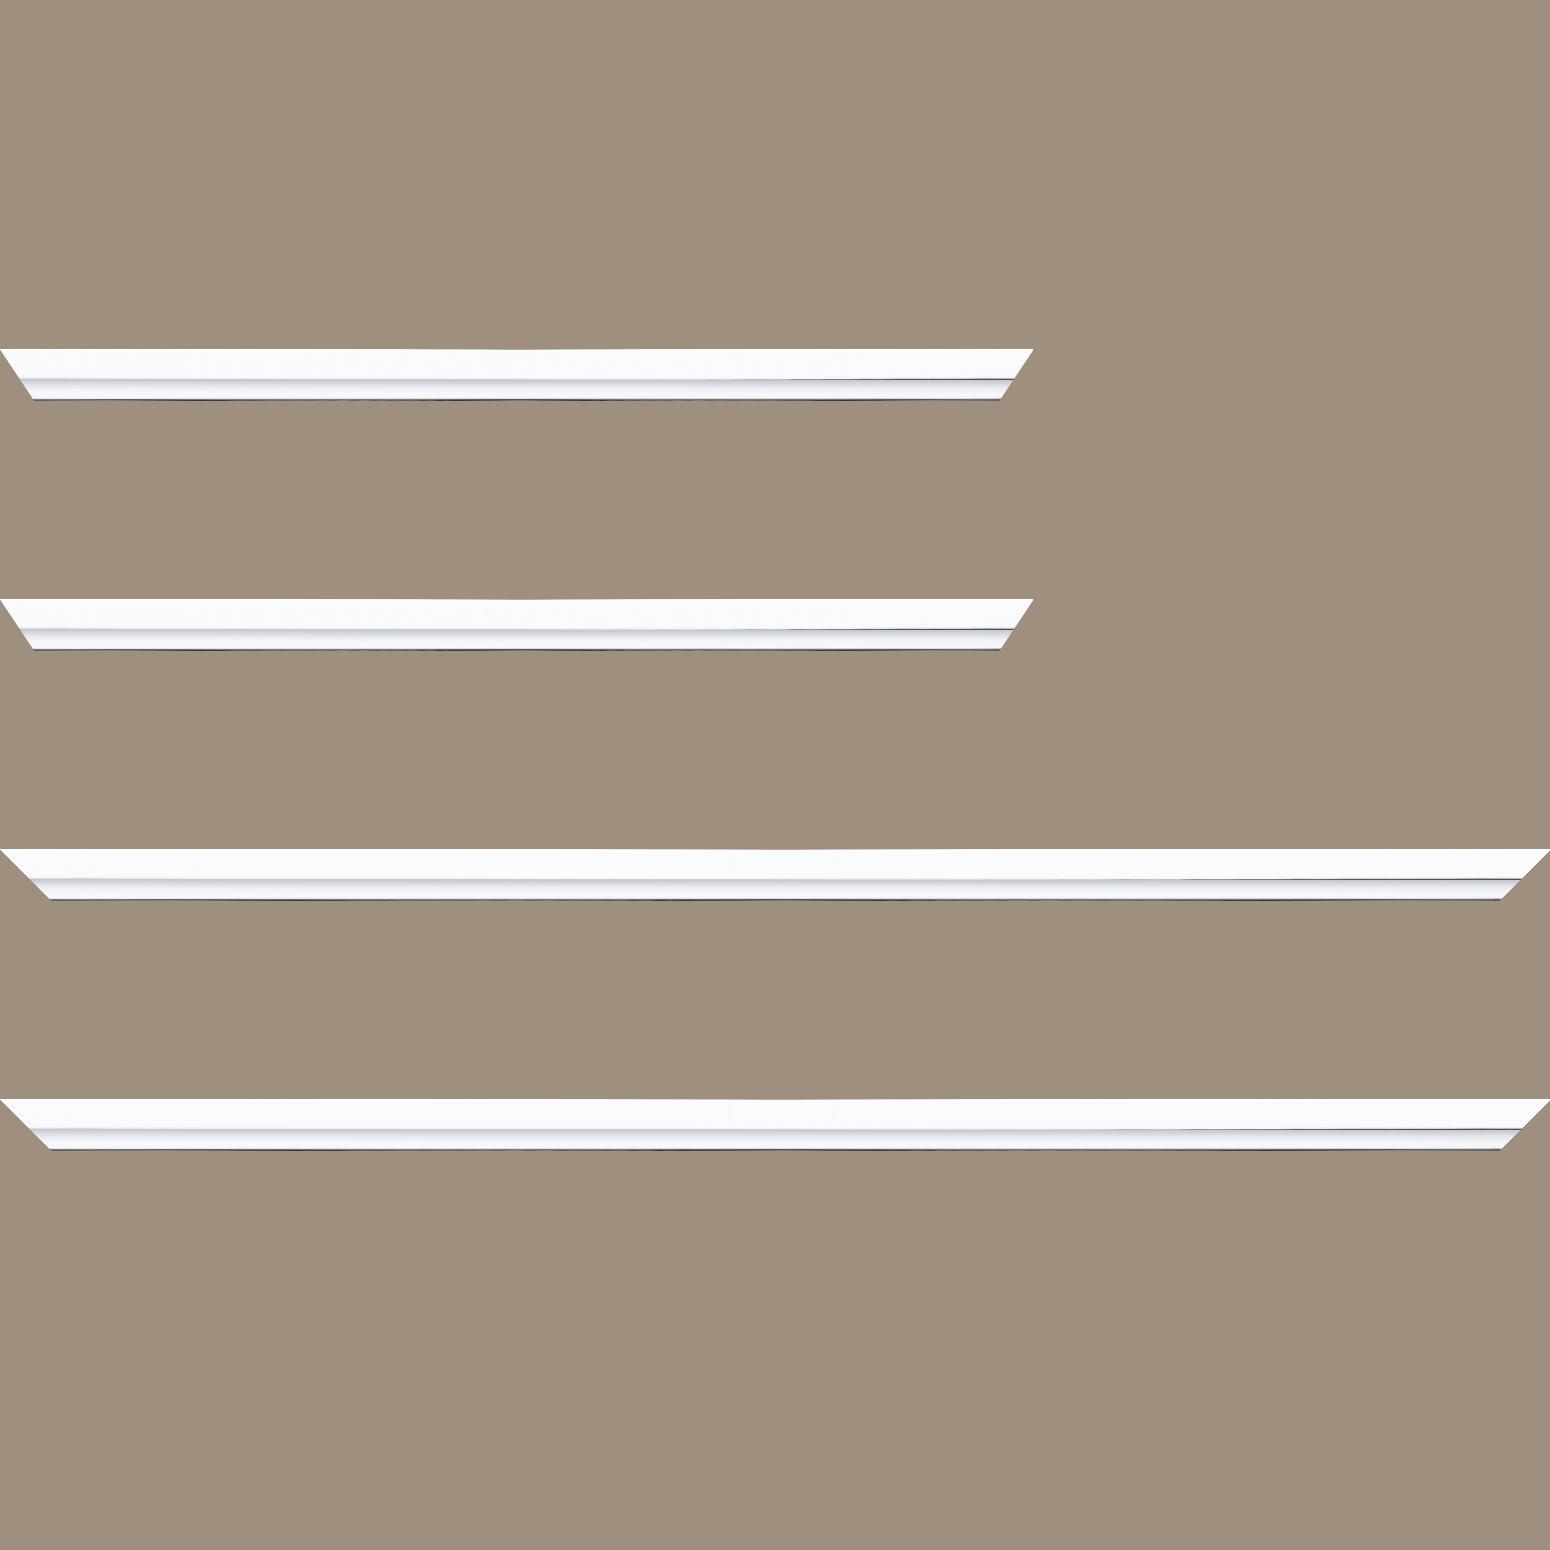 Baguette service précoupé Bois profil plat largeur 1.6cm couleur blanc mat finition pore bouché filet blanc en retrait de la face du cadre de 6mm assurant un effet très original